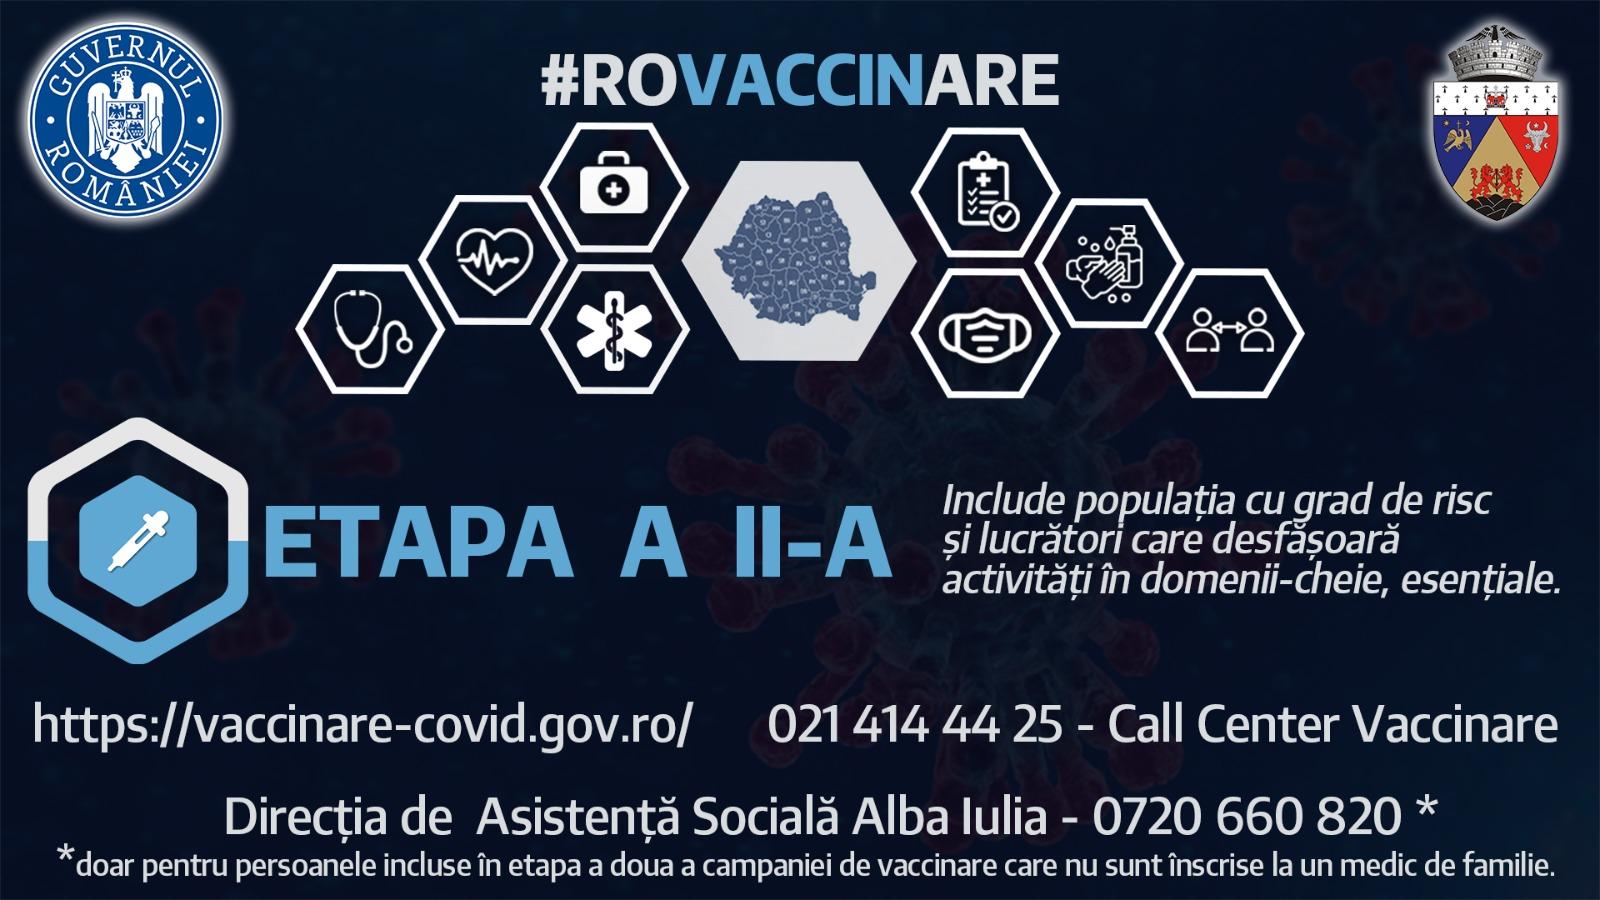 Înscrierile pentru etapa a II-a de vaccinare se pot face și prin intermediul Direcției de Asistență Socială Alba Iulia